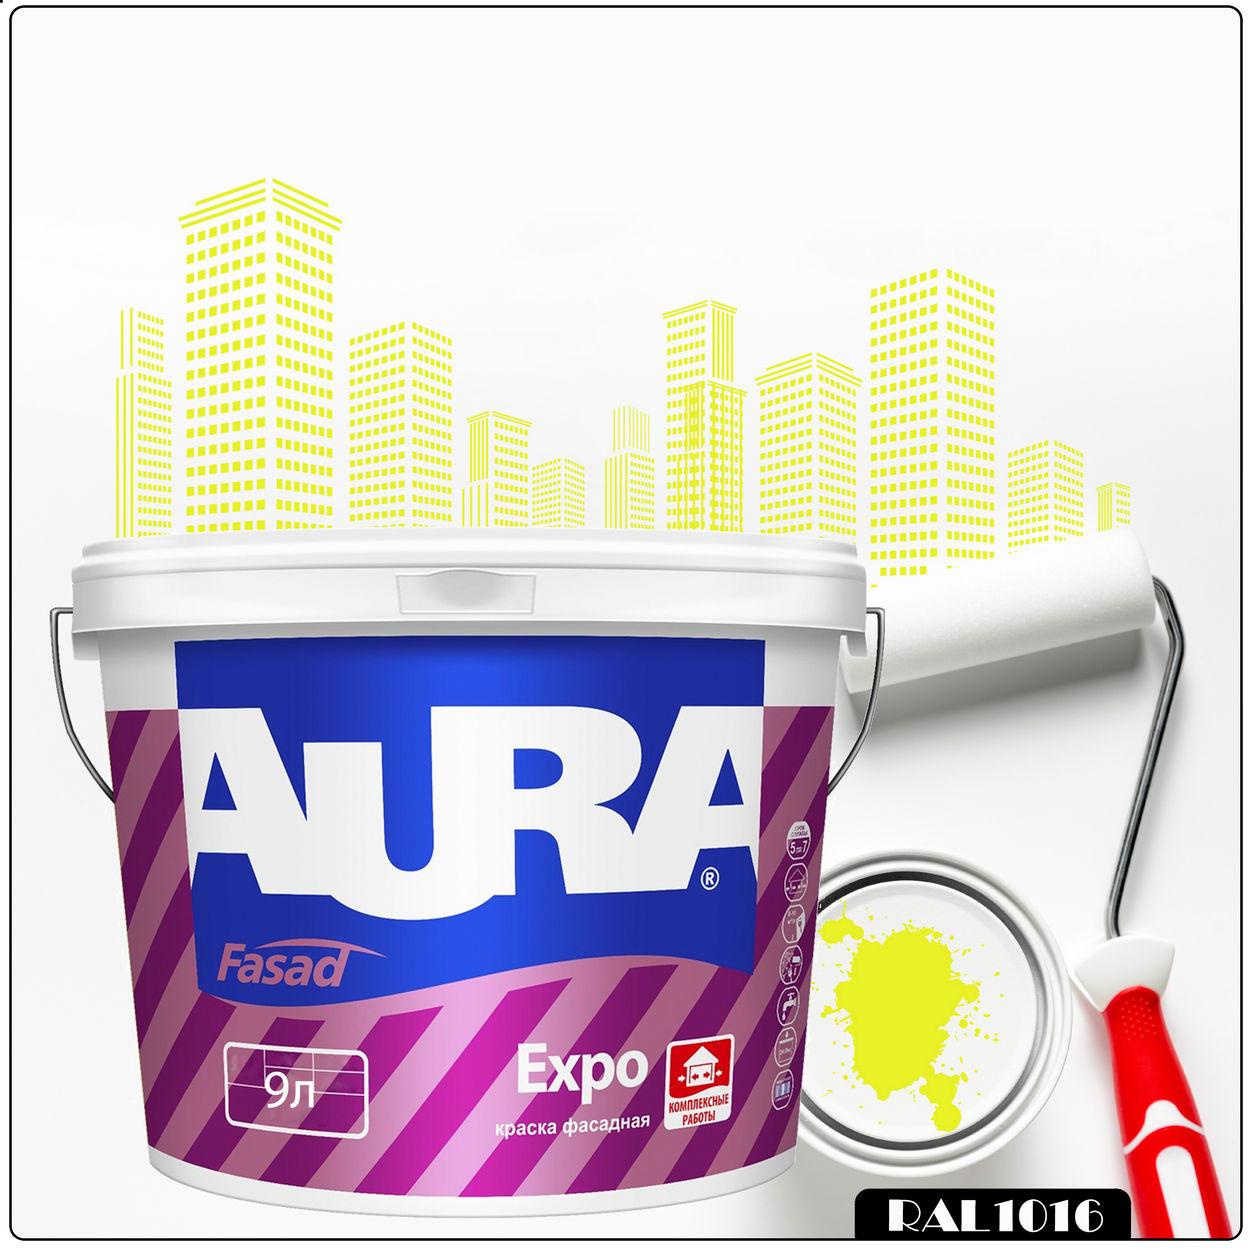 Фото 14 - Краска Aura Fasad Expo, RAL 1016 Жёлтая-сера, матовая, для фасадов и помещений с повышенной влажностью, 9л.